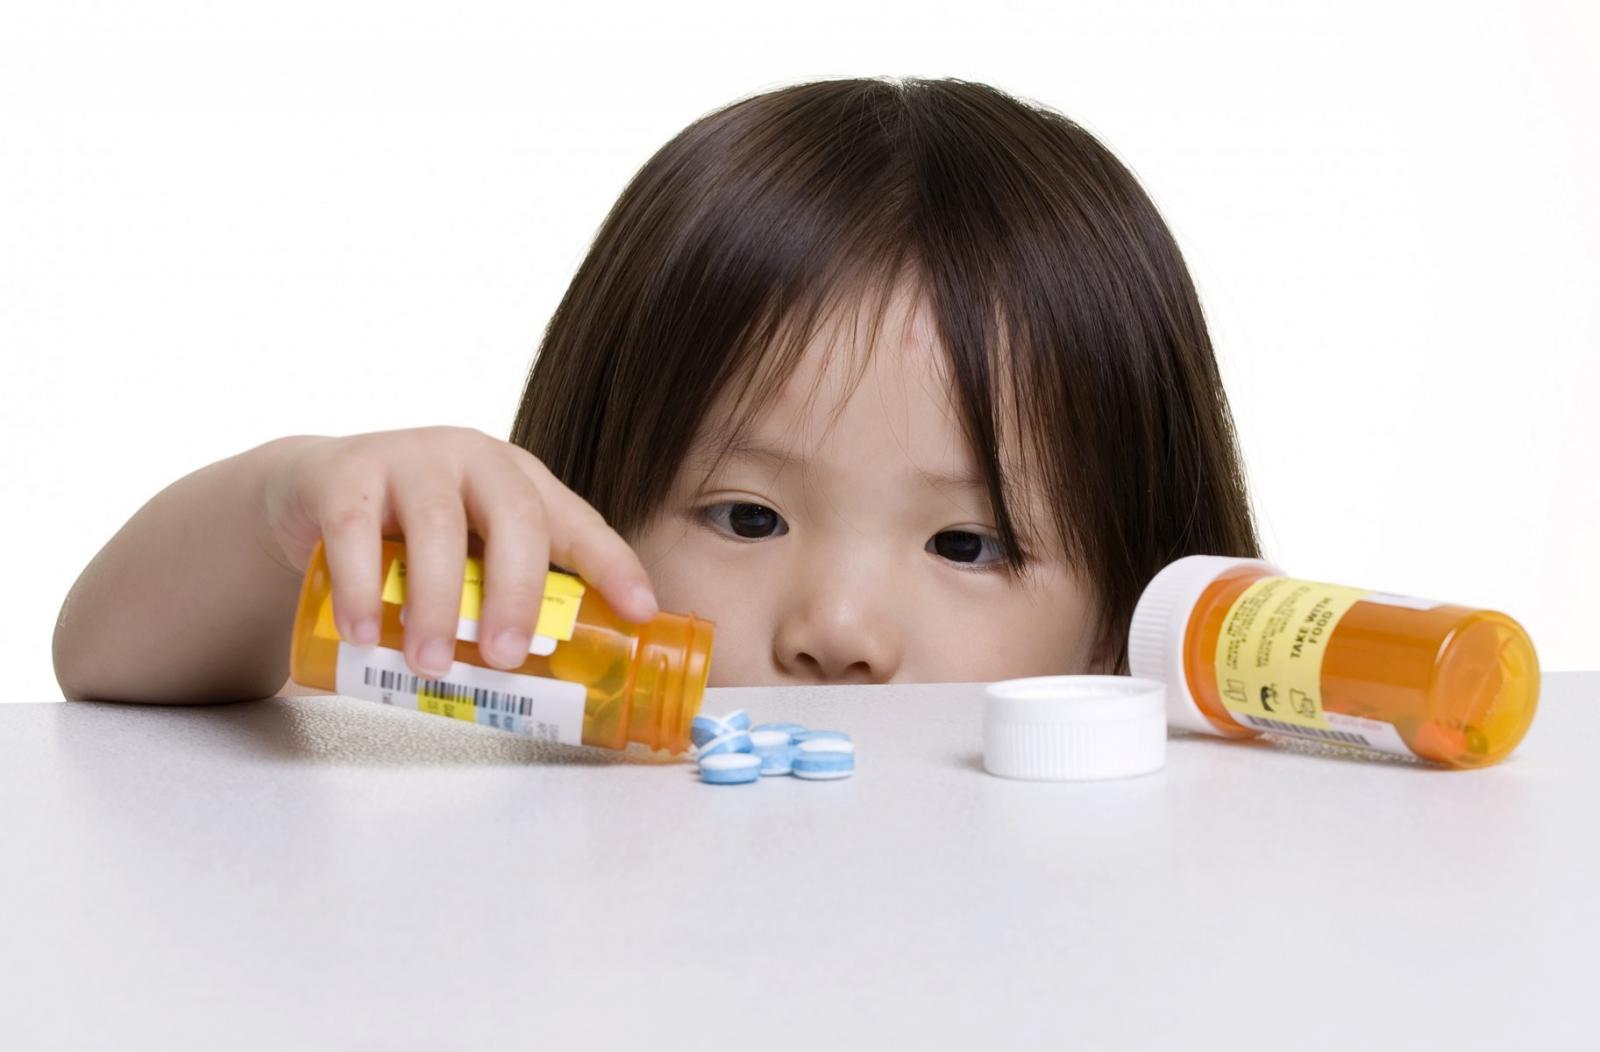 Tự ý dùng kháng sinh cho con, bố mẹ đang hại con đấy